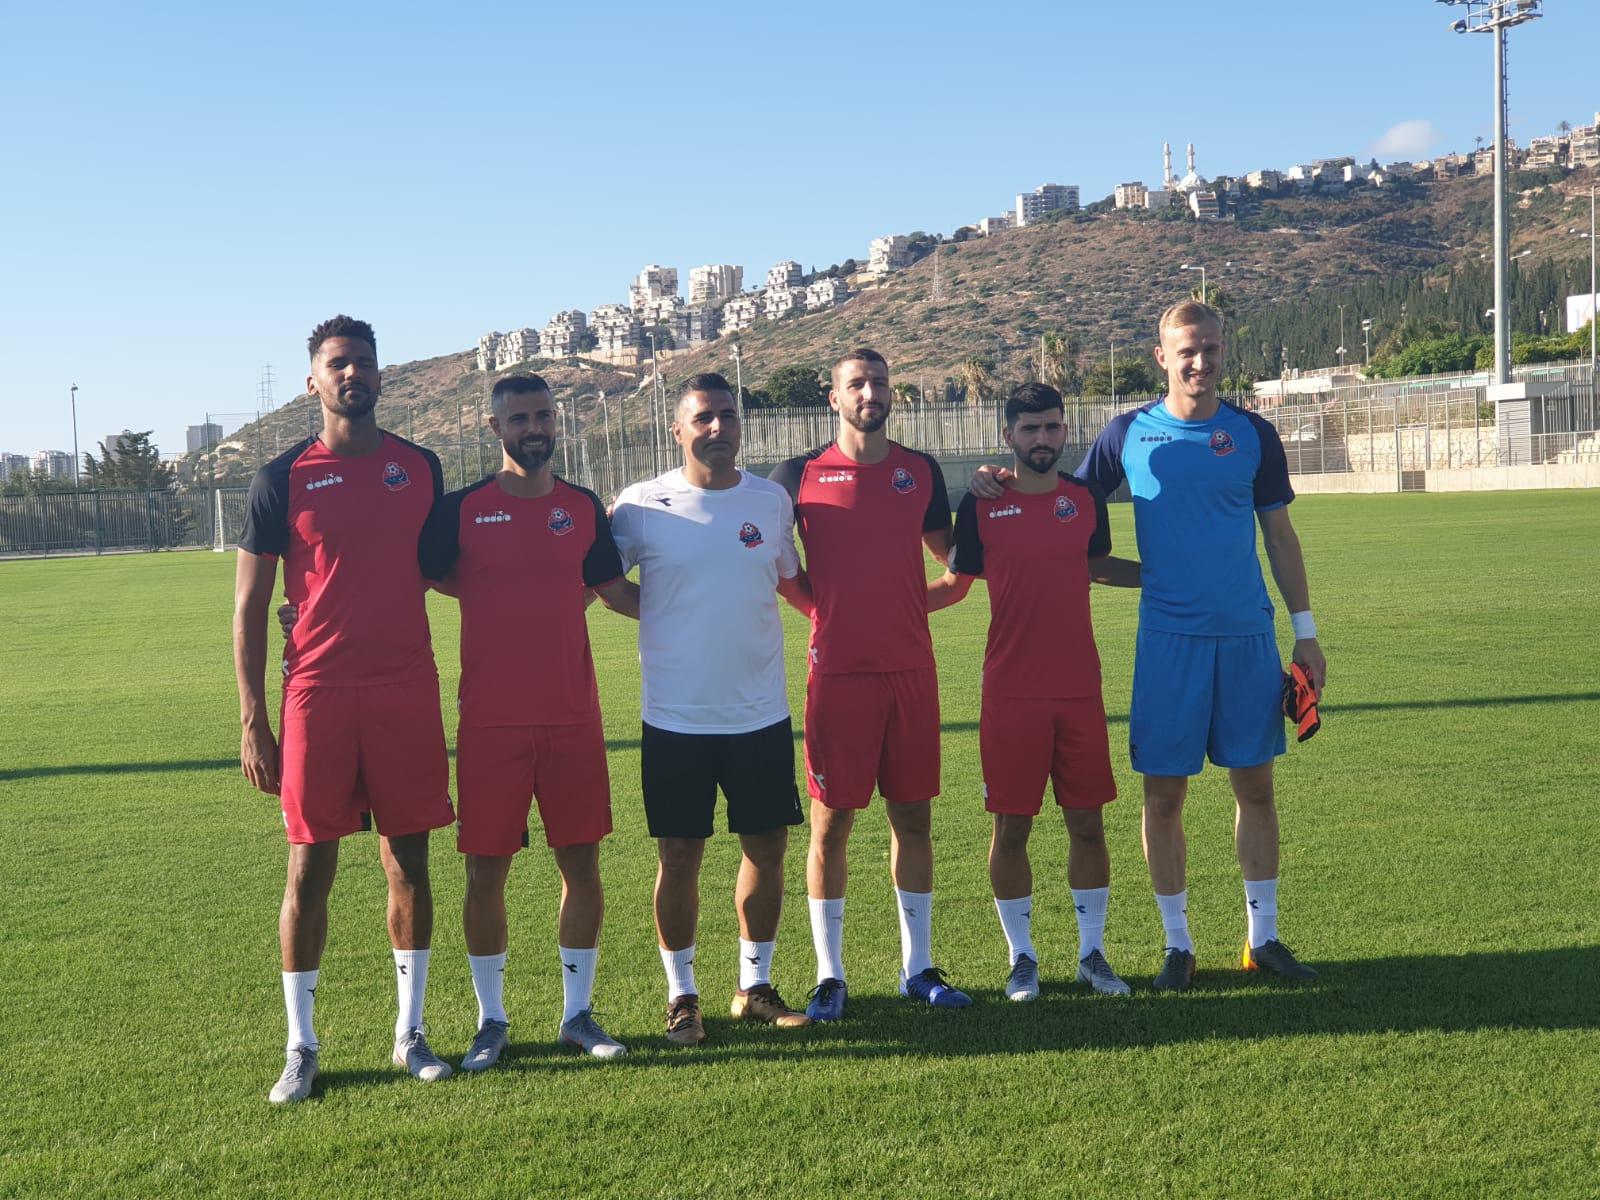 הפועל חיפה פתחה את האימונים עם חמשת שחקני החיזוק החדשים